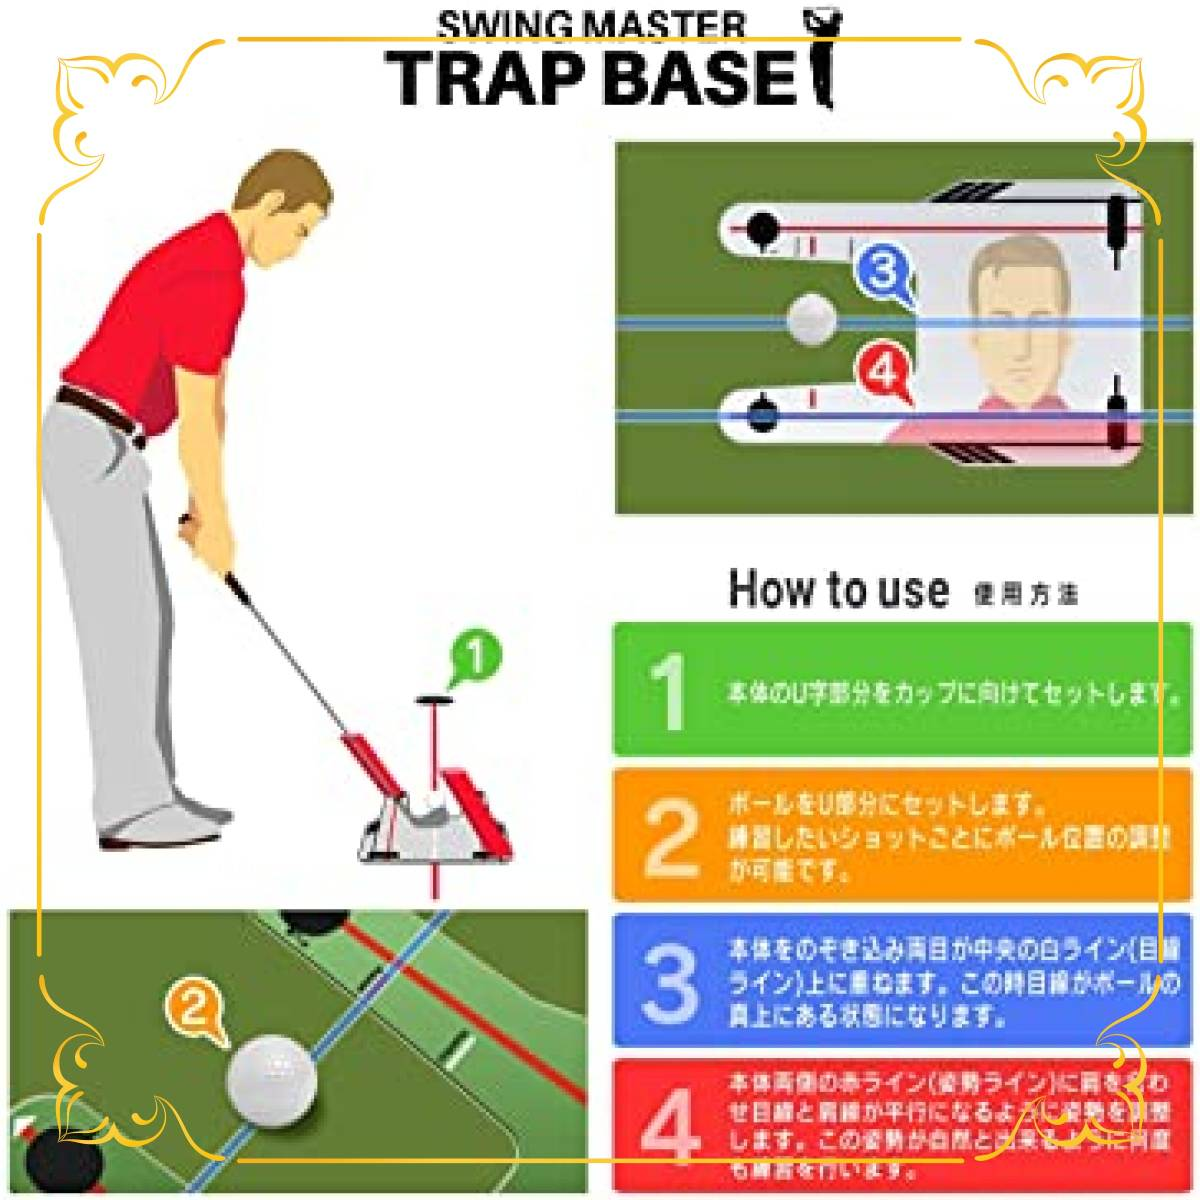 ゴルフ スイング練習機 スイング練習器具 スピードトラップベース パッティング 矯正_画像4